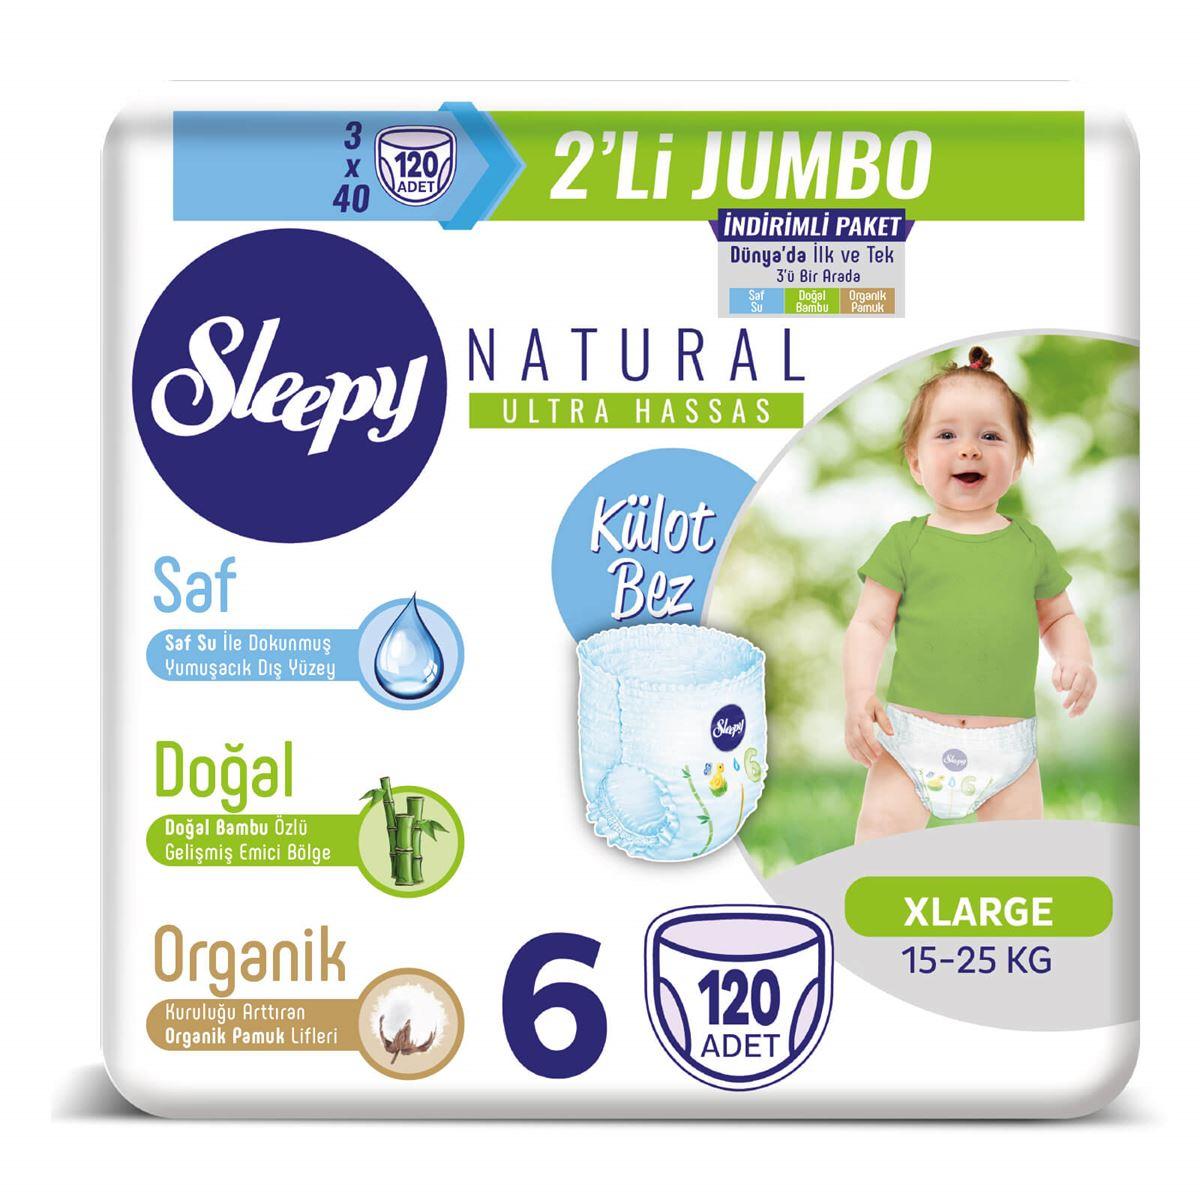 Sleepy Natural Külot Bez 6 Numara Xlarge 3X2'Lİ JUMBO